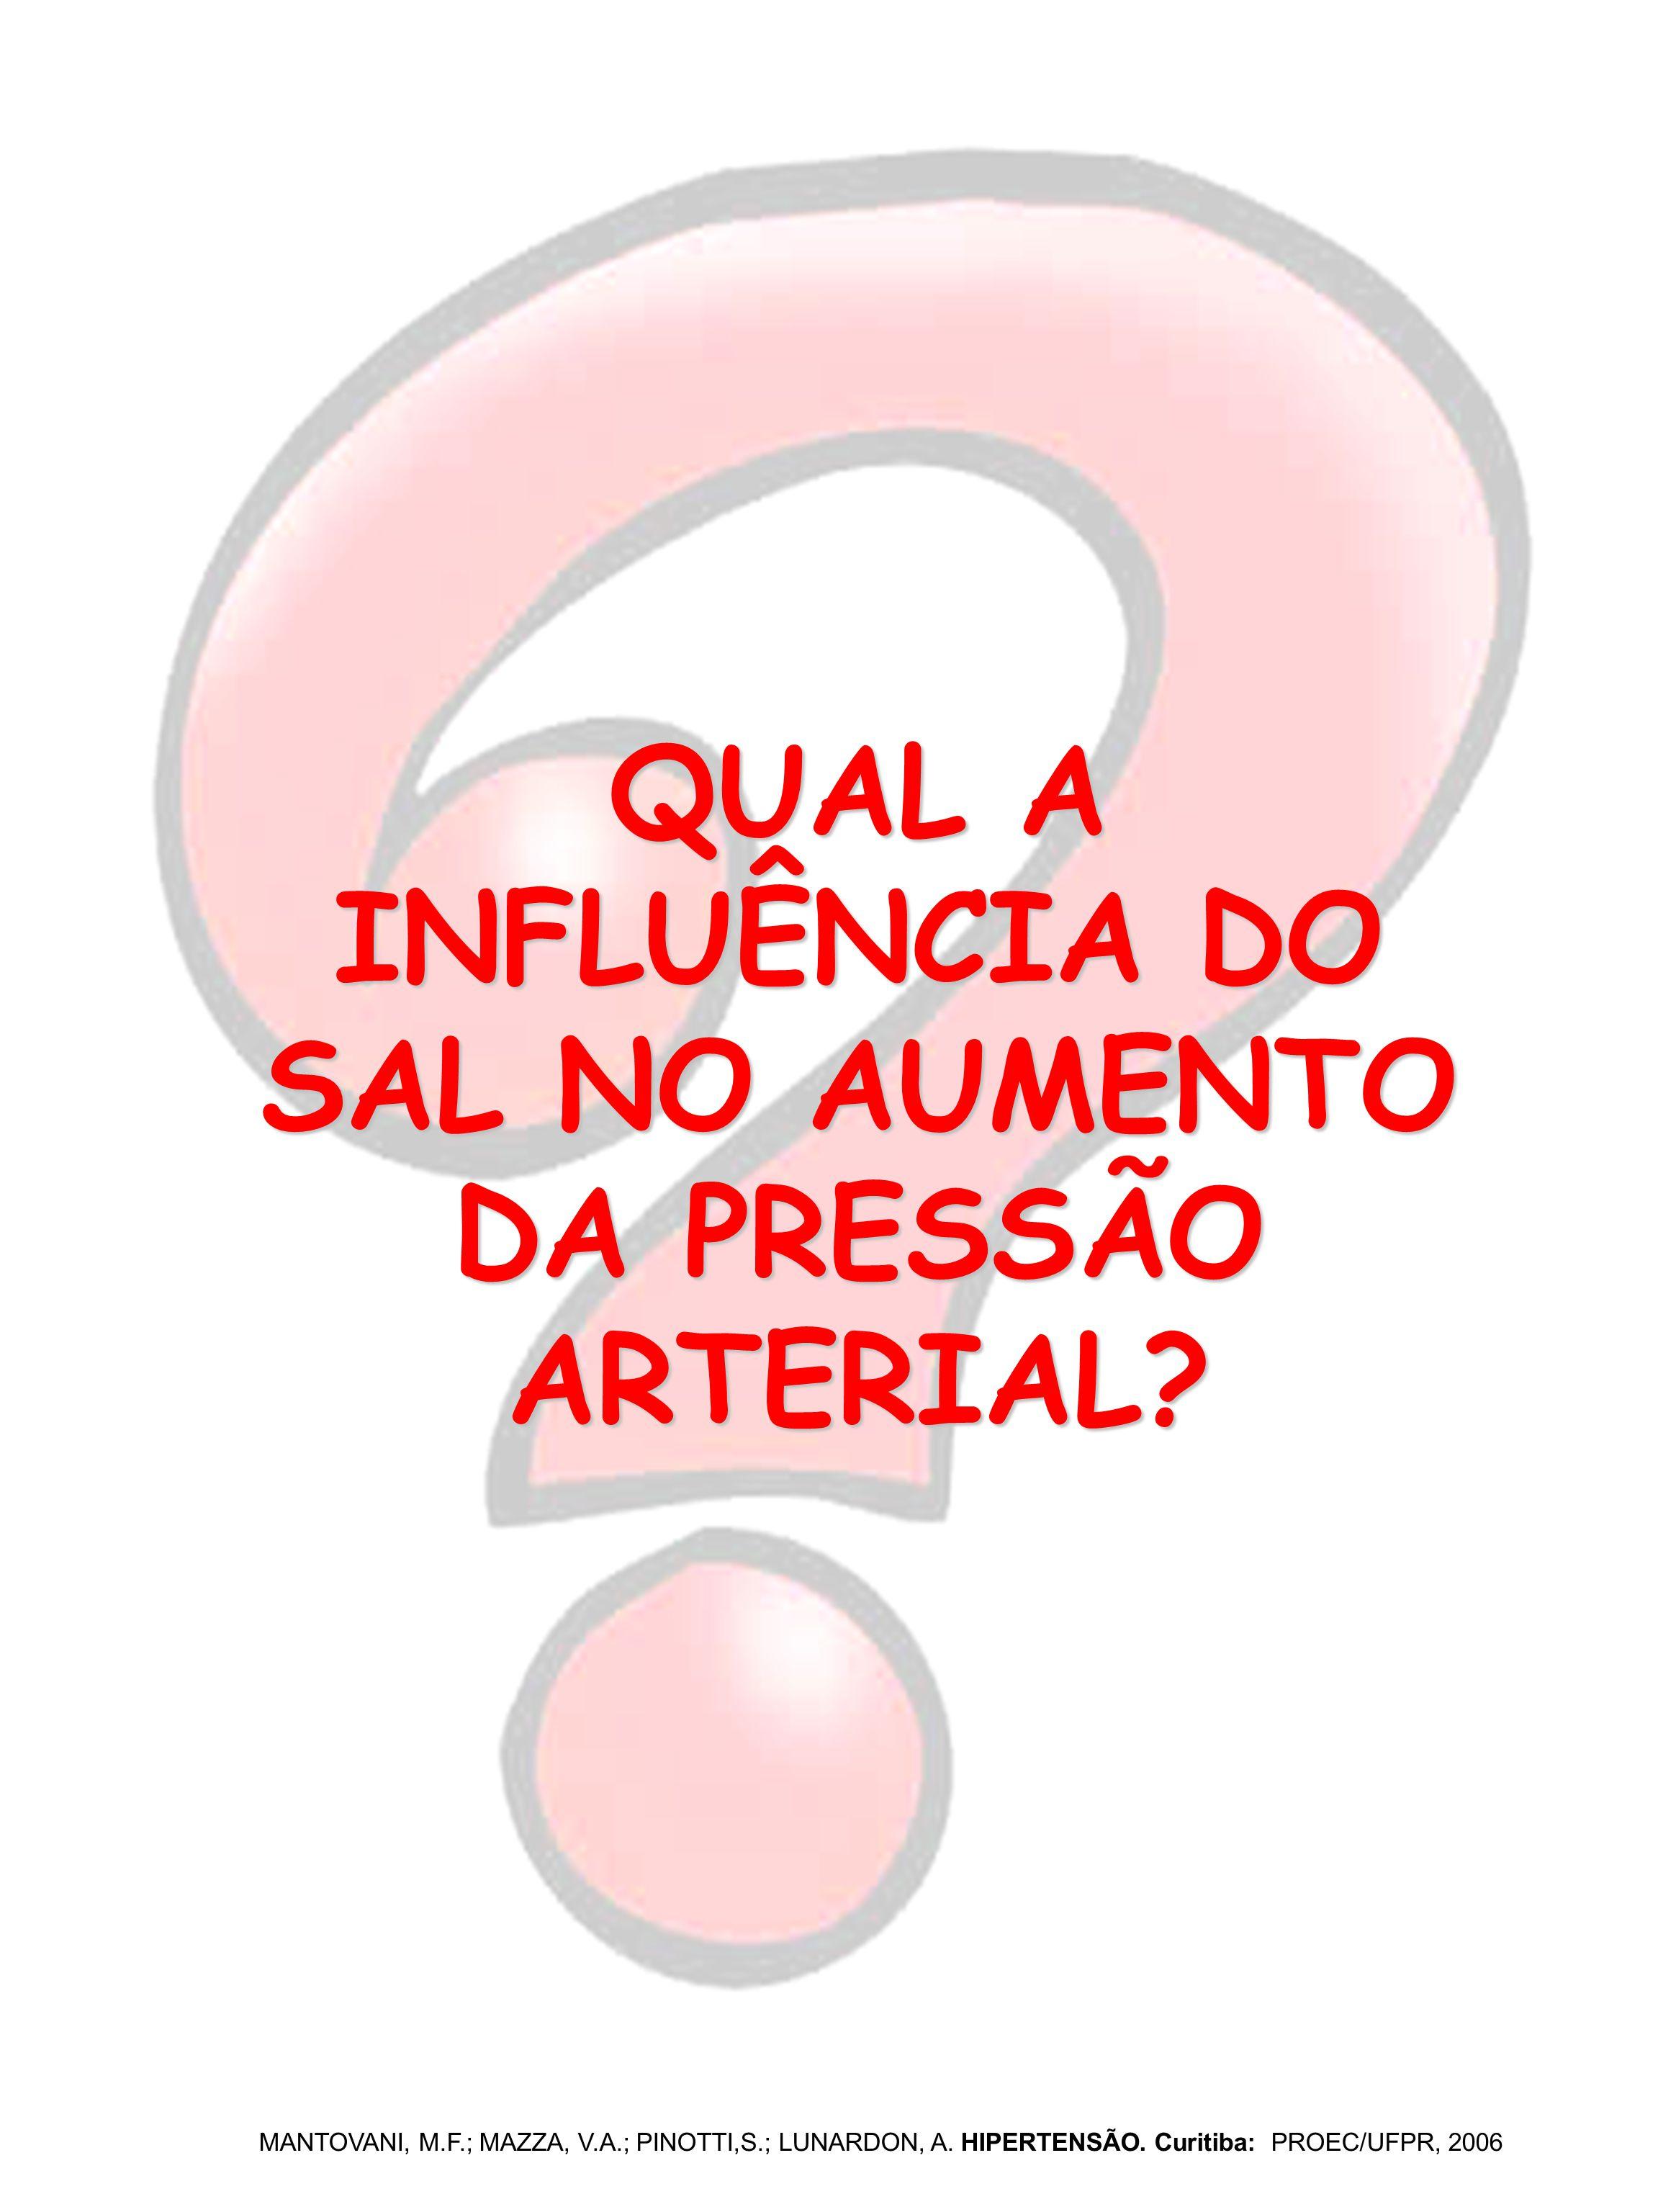 QUAL A INFLUÊNCIA DO SAL NO AUMENTO DA PRESSÃO ARTERIAL